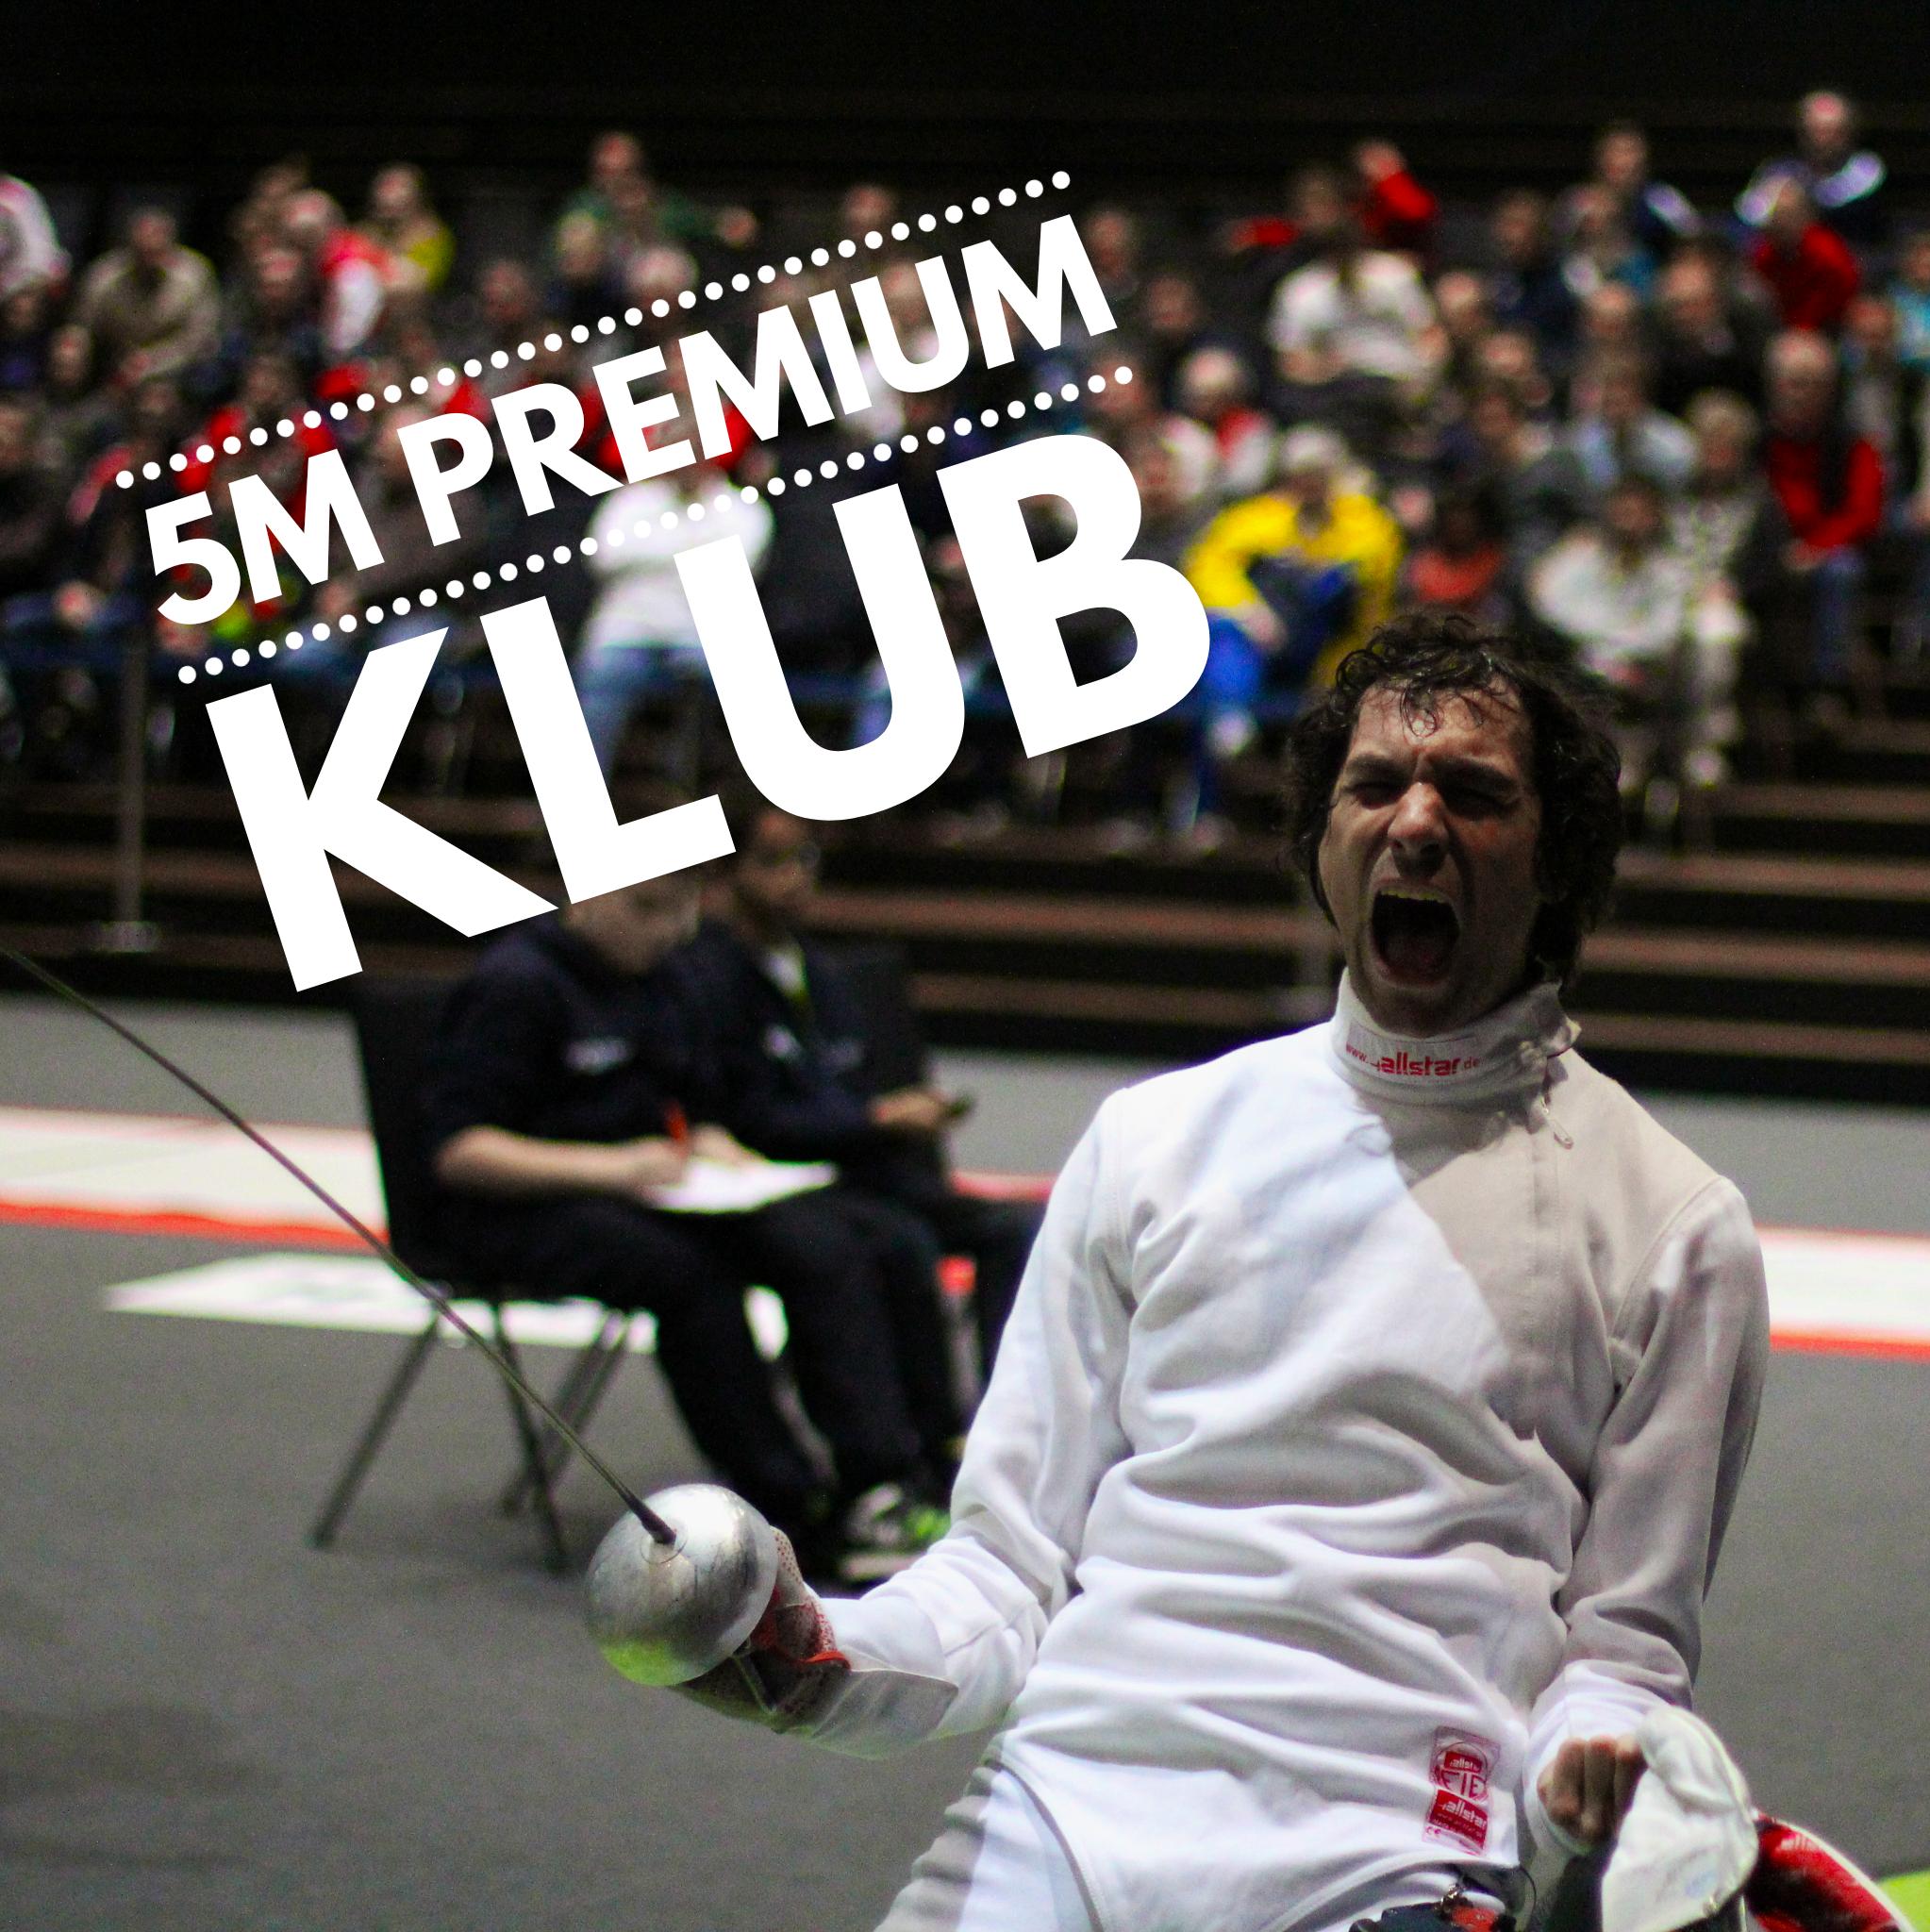 5M Premium klub